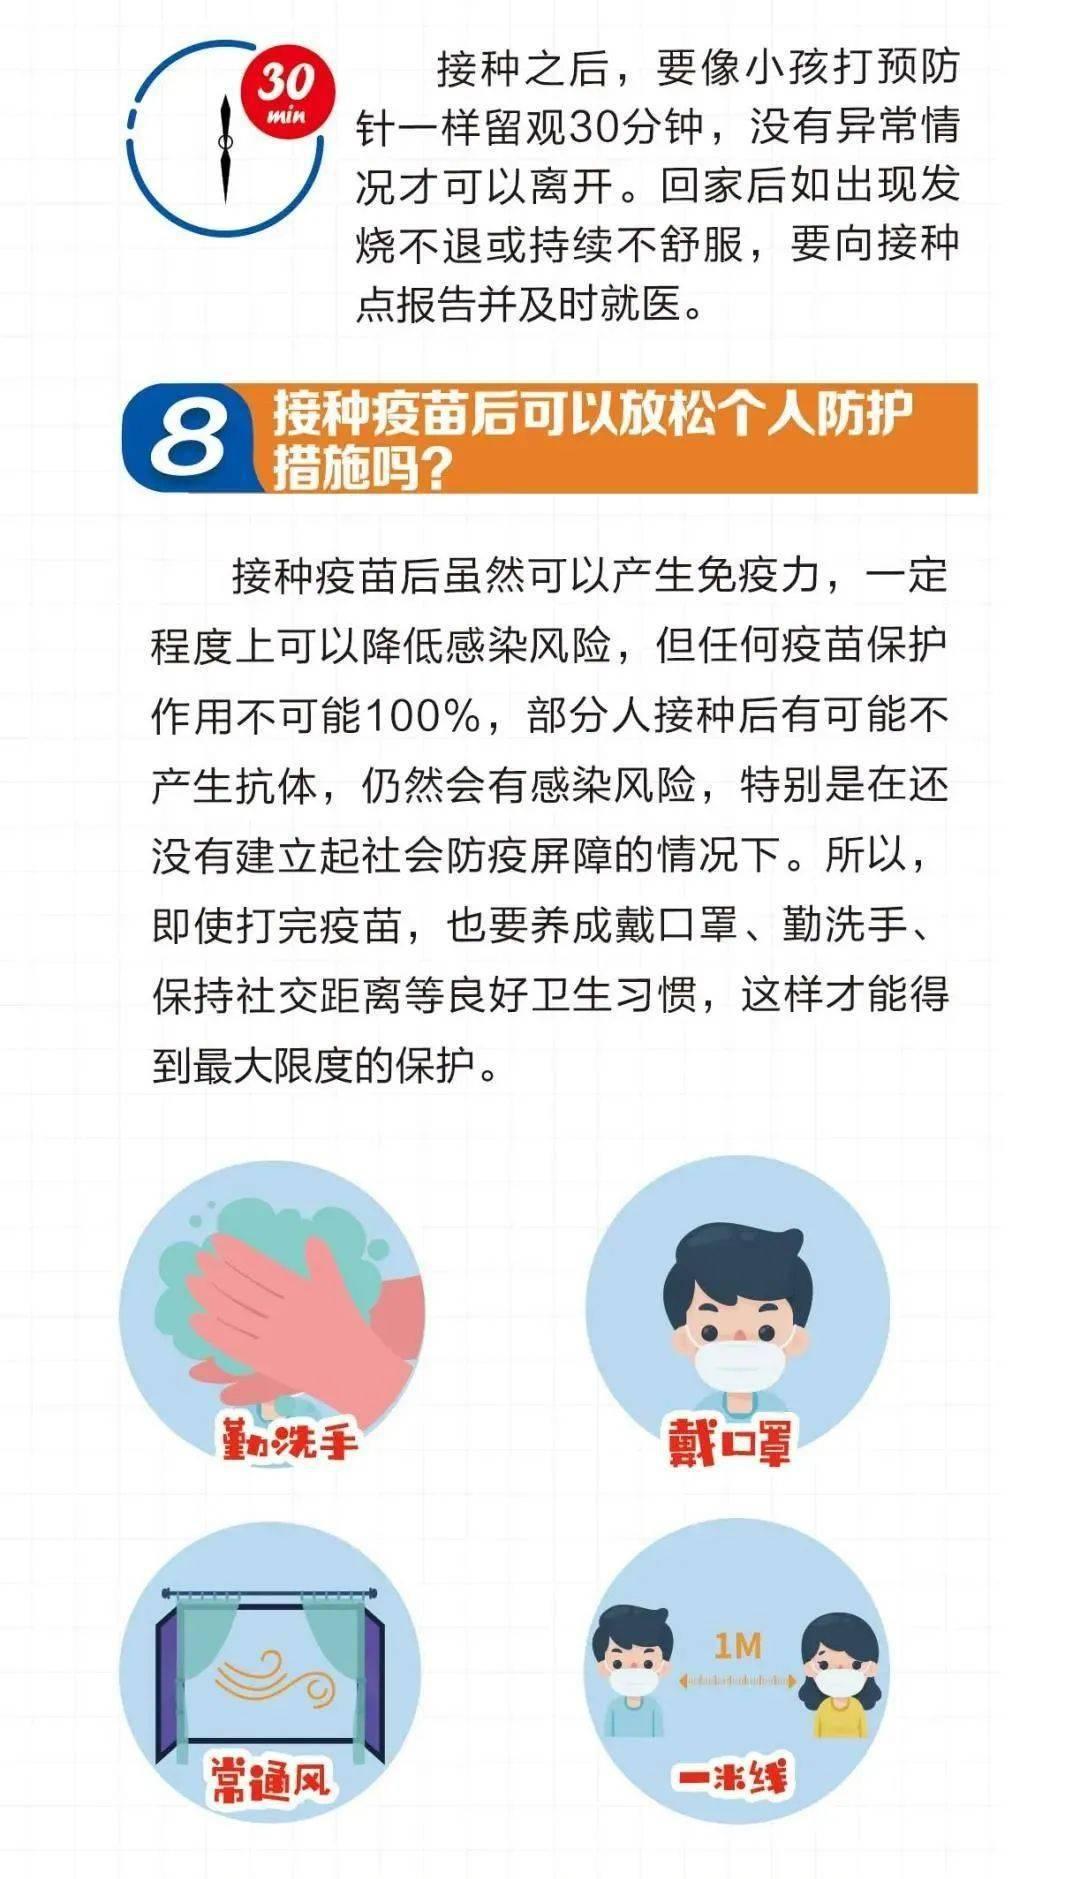 婴儿疫苗接种 自己买的疫苗可以接种吗_北京朝阳疫苗接种预约app_北京接种破伤风疫苗